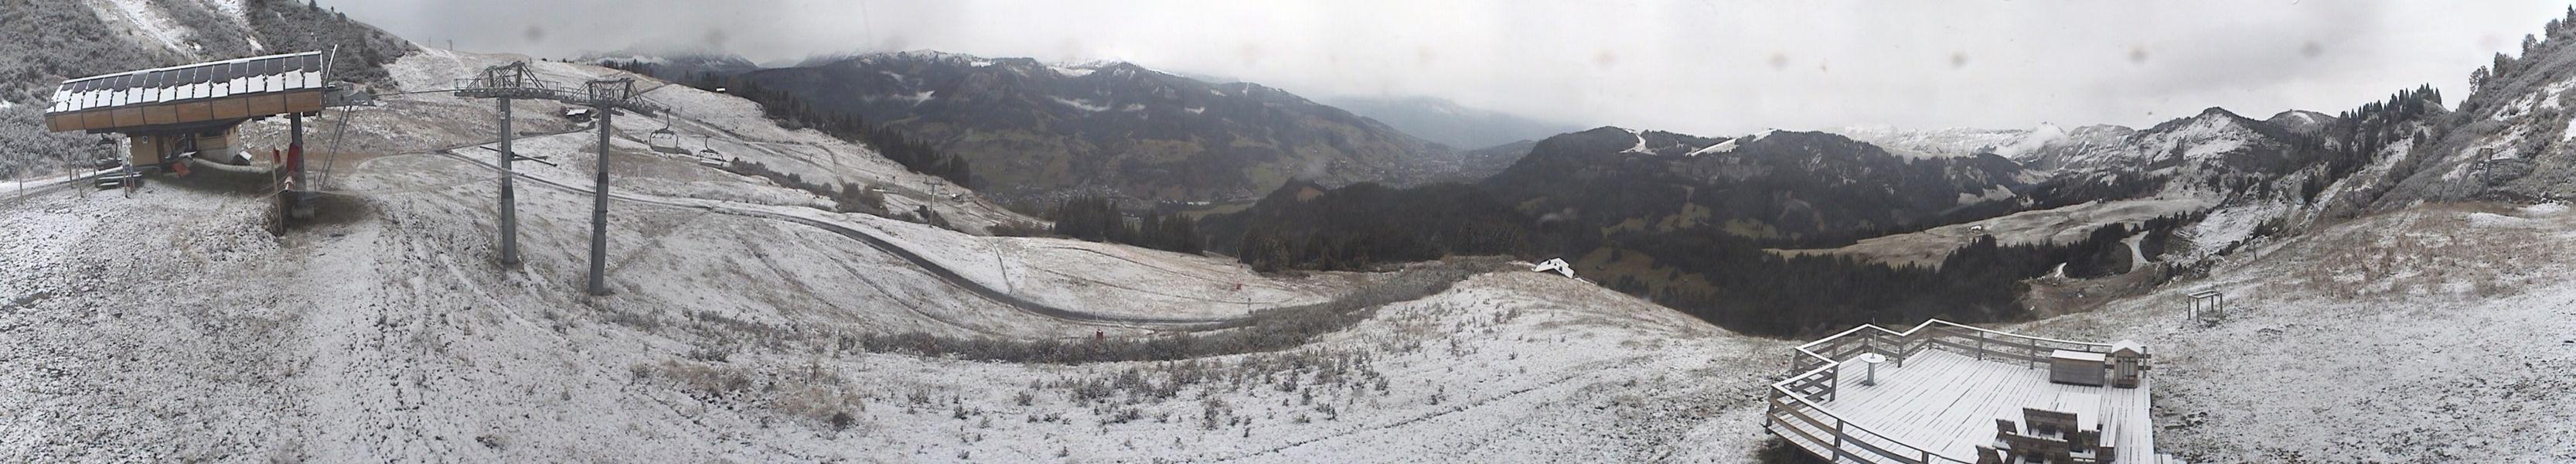 Au sommet du Télésiège du Crêt du Midi à Praz sur Arly, à 1723 mètres